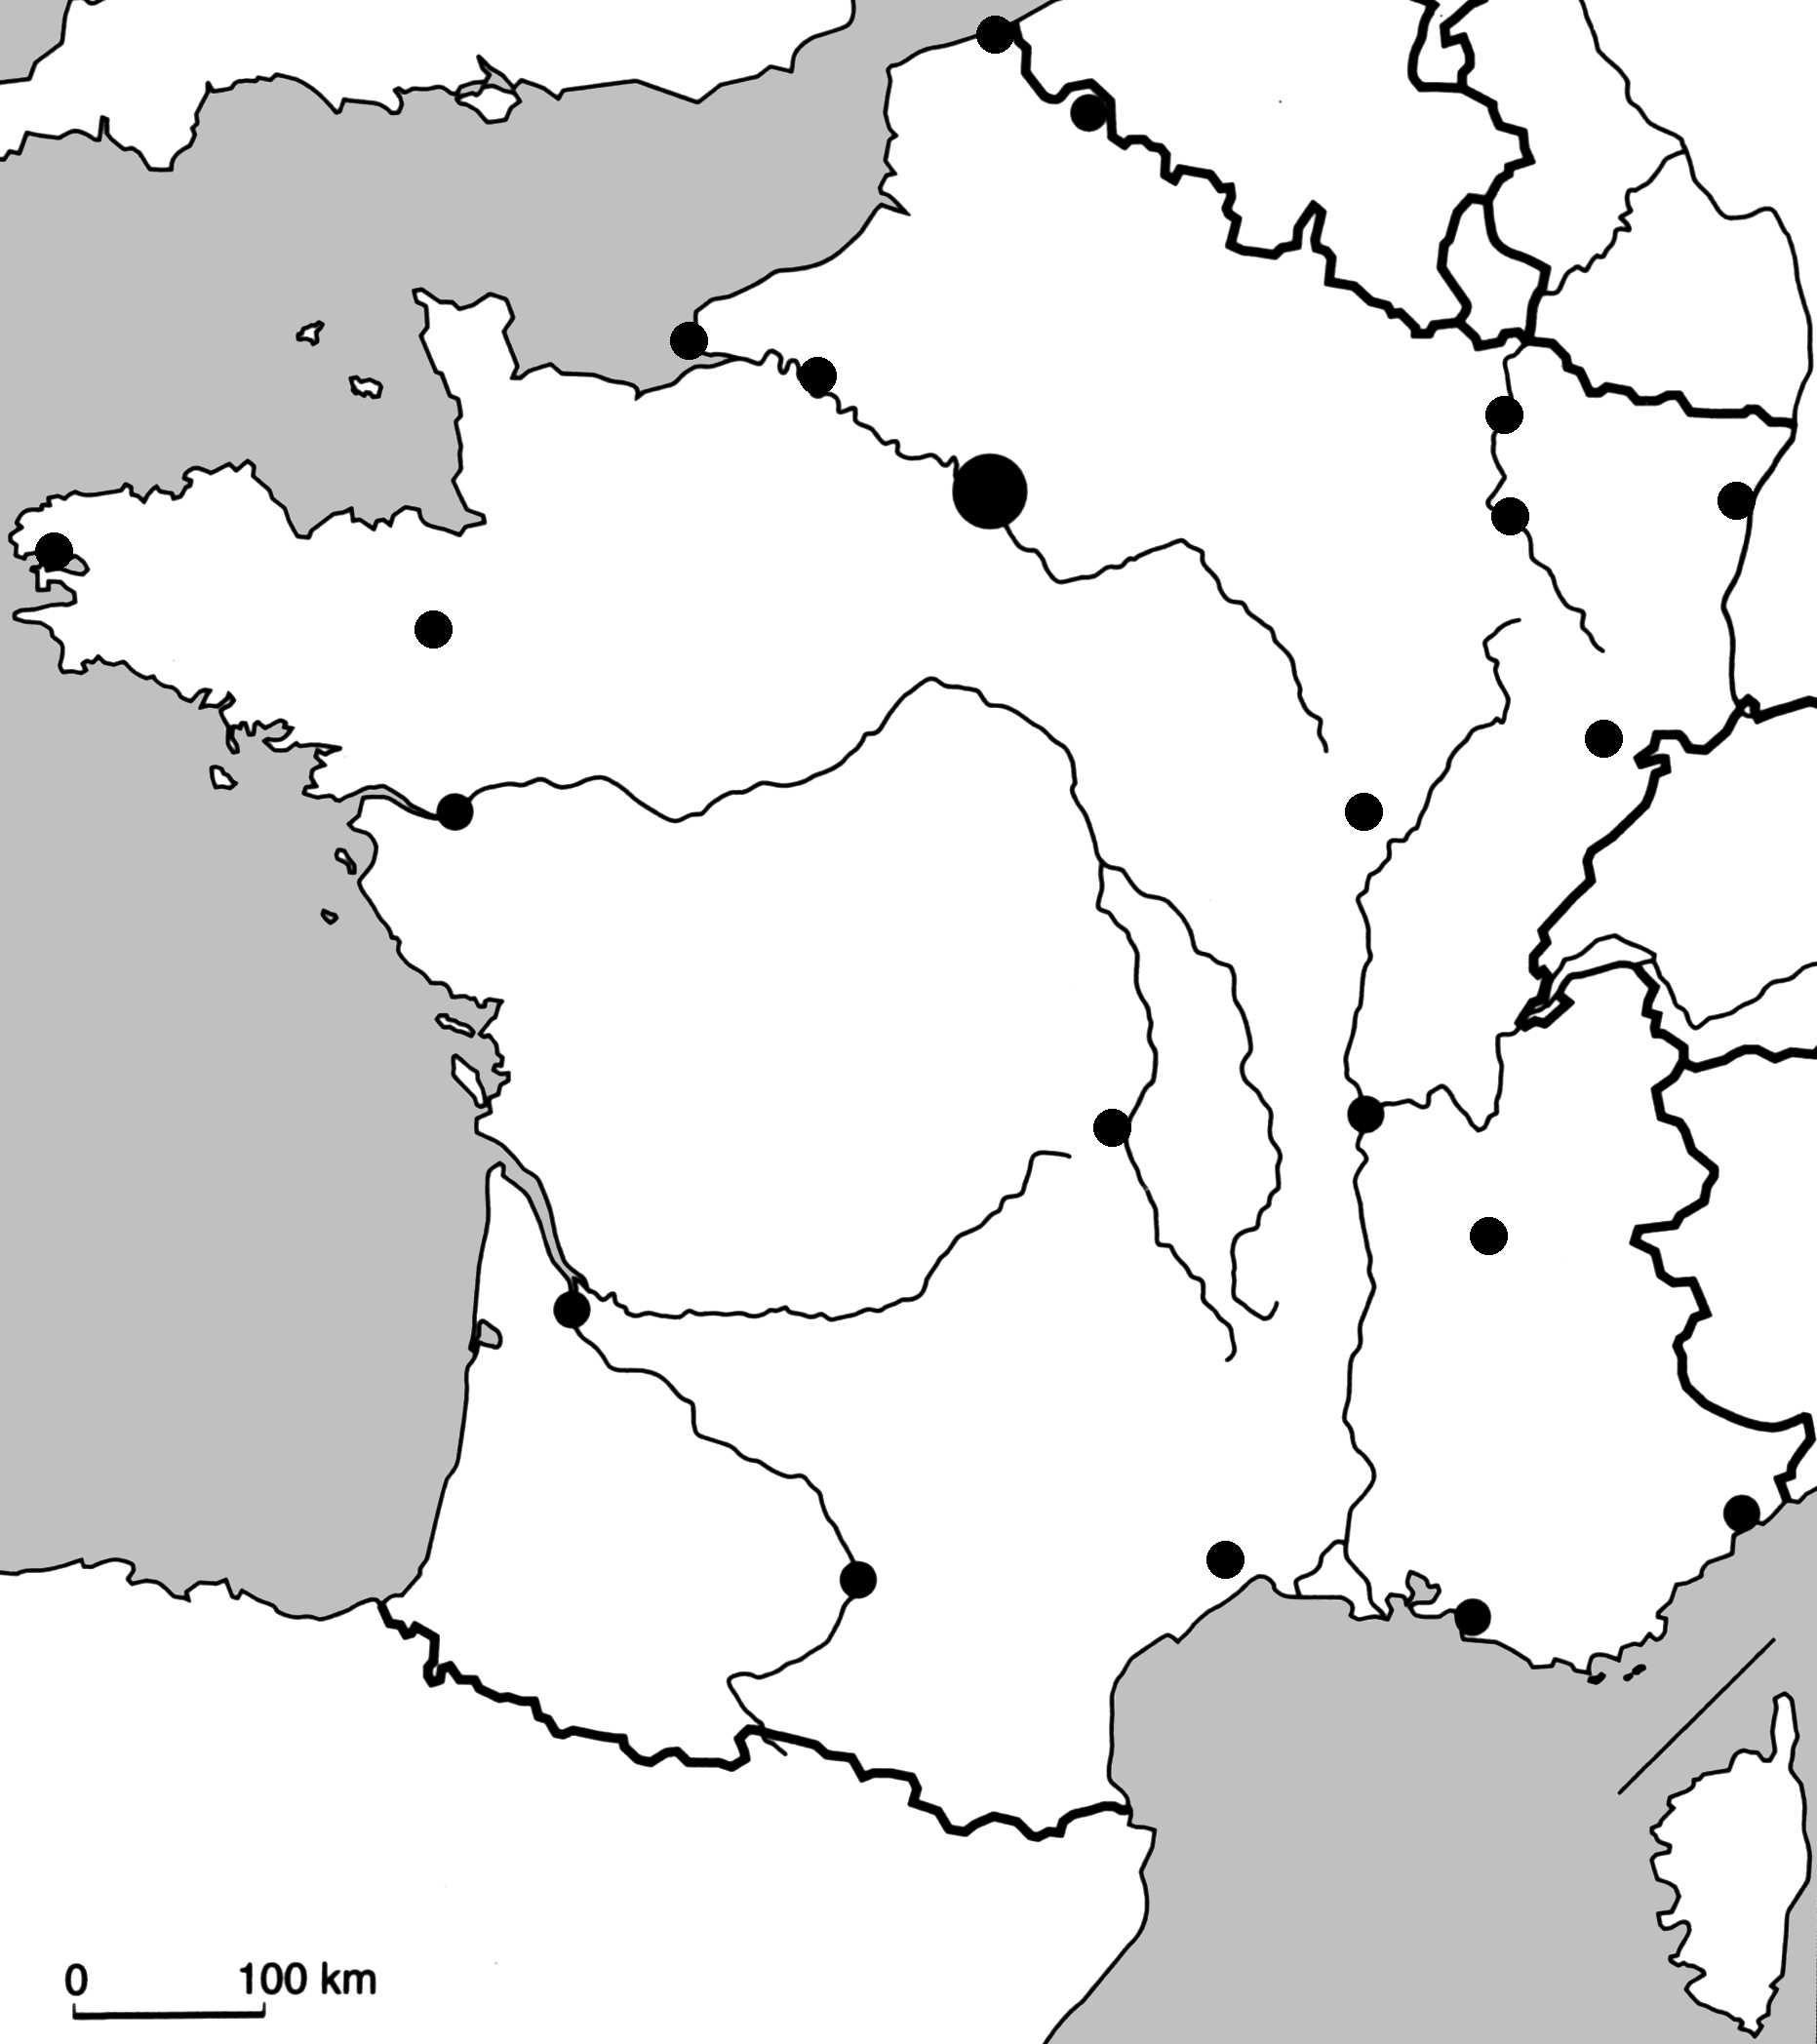 Afficher L'image D'origine | Carte France Vierge, Fleuve De destiné Fleuves Ce2